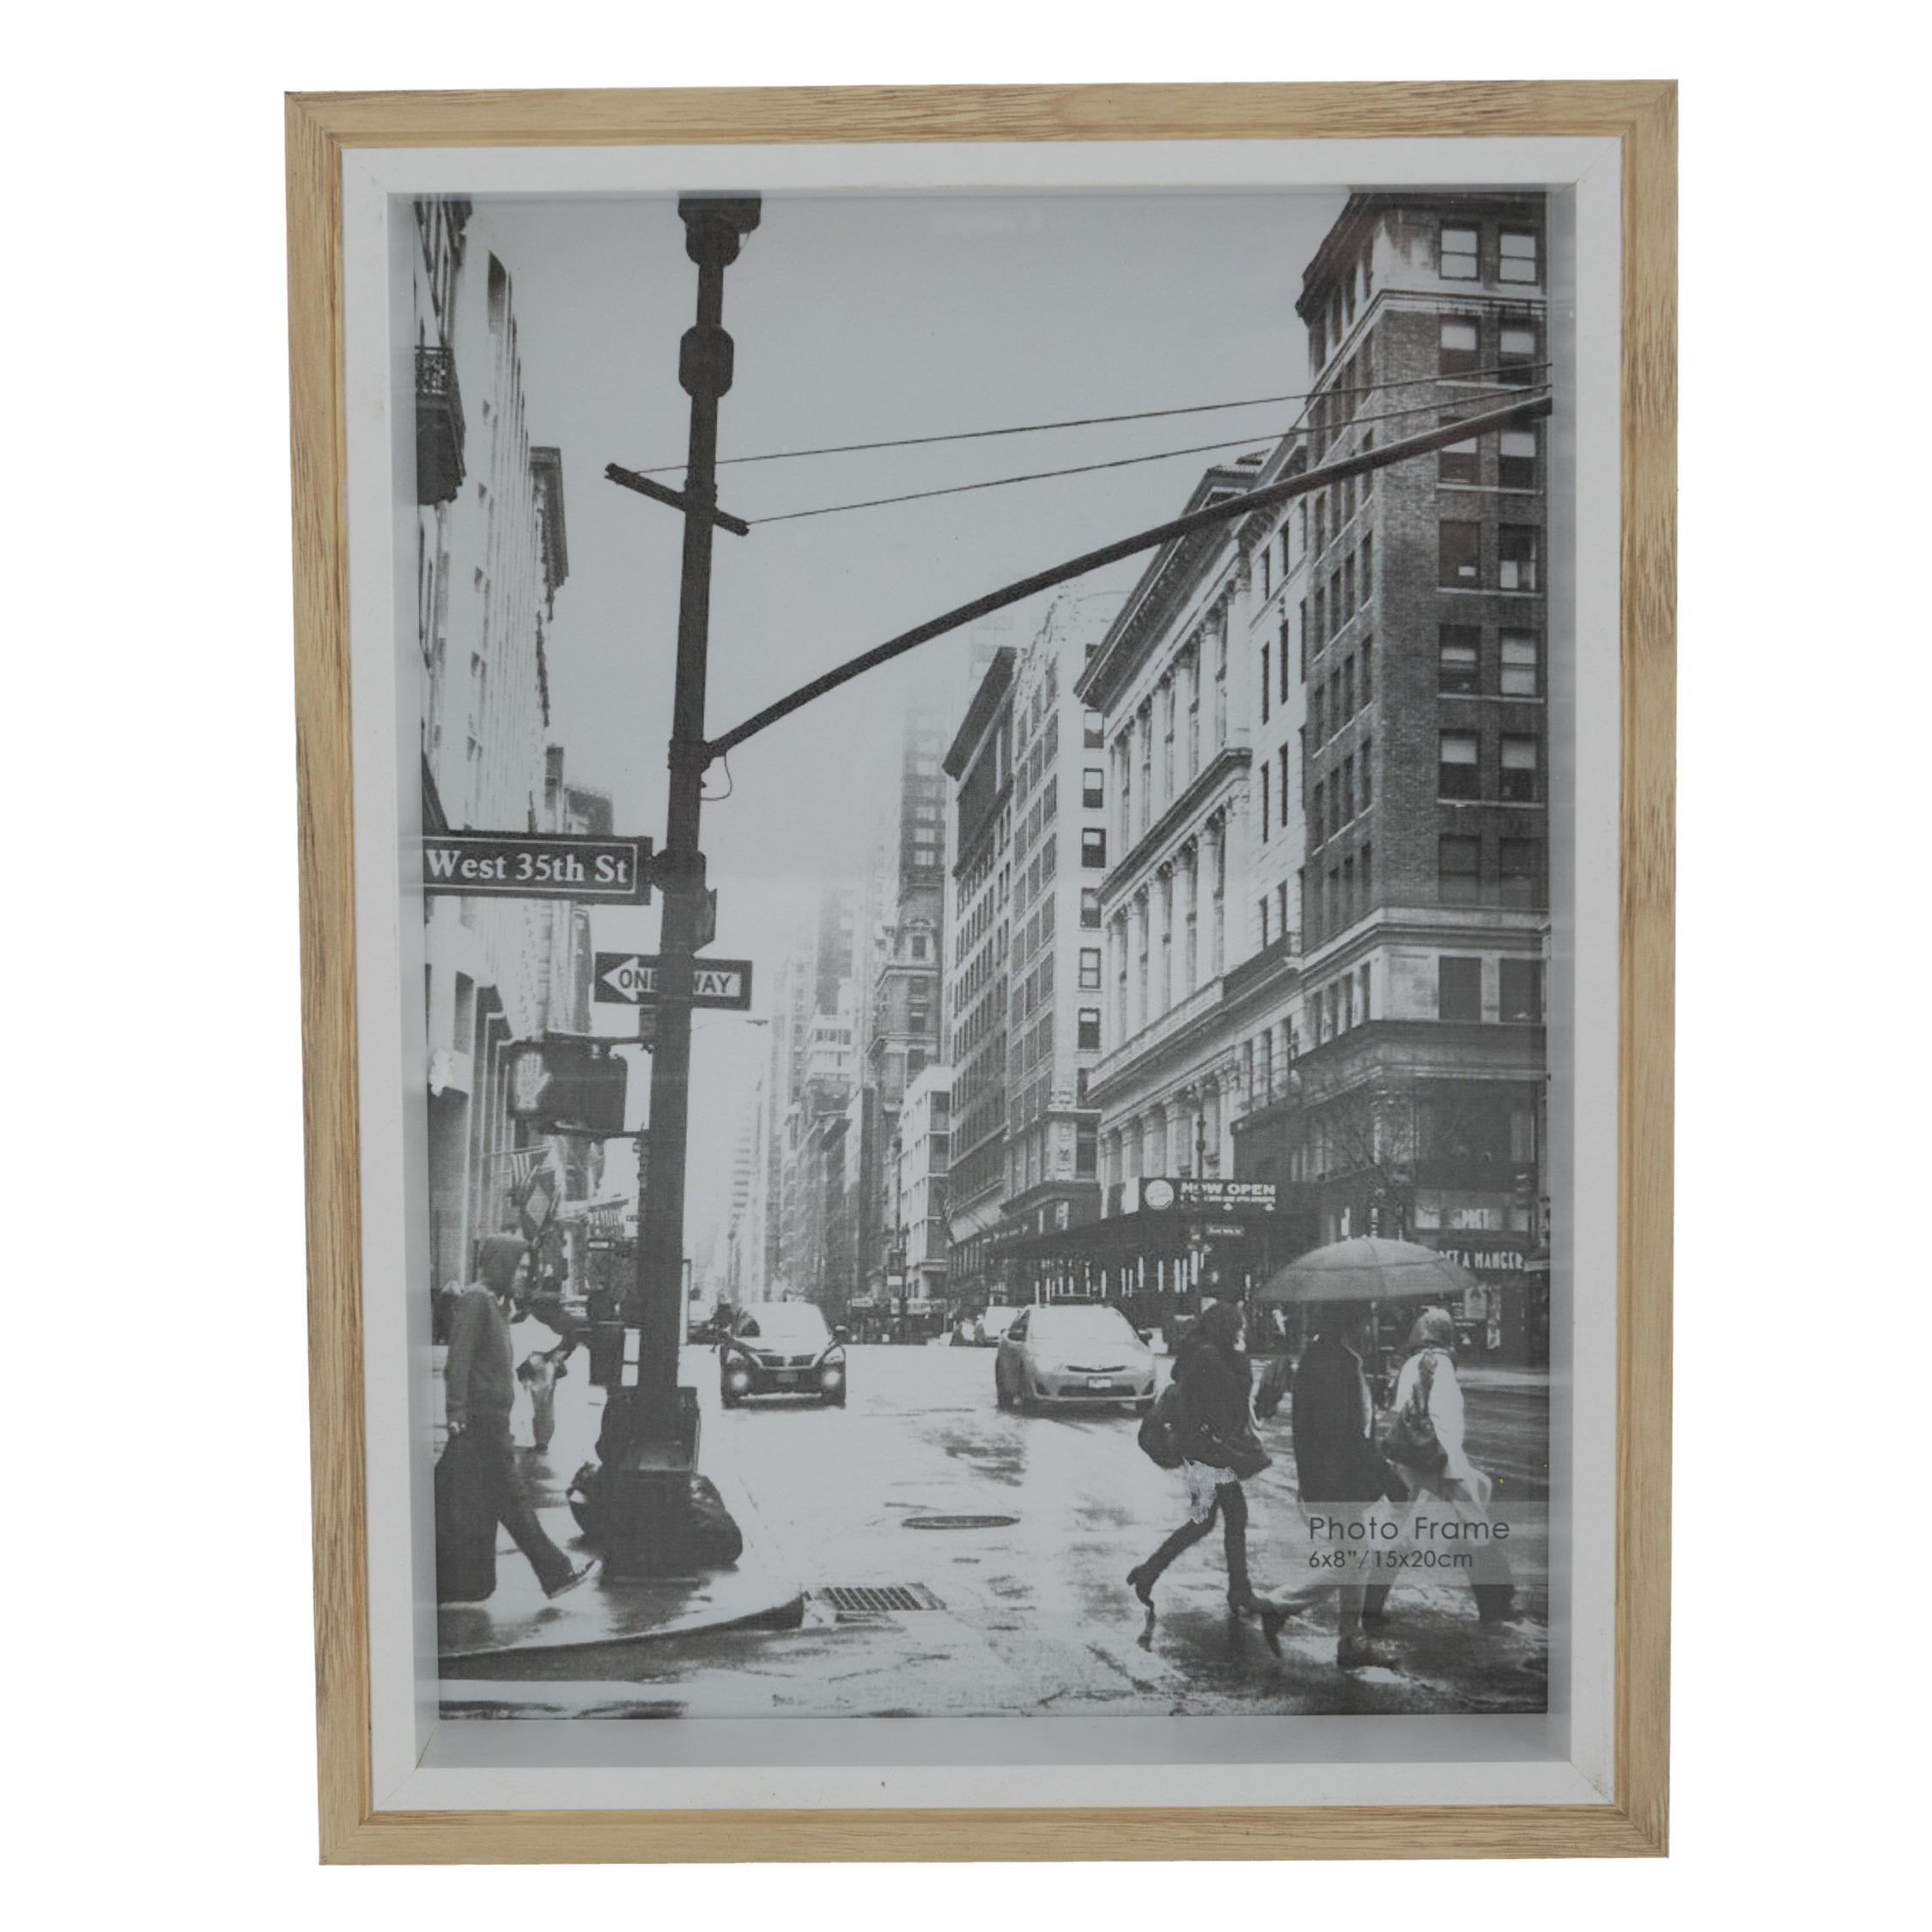 Fotolijstje naturel 27 x 22 cm geschikt voor een foto van 25 x 20 cm